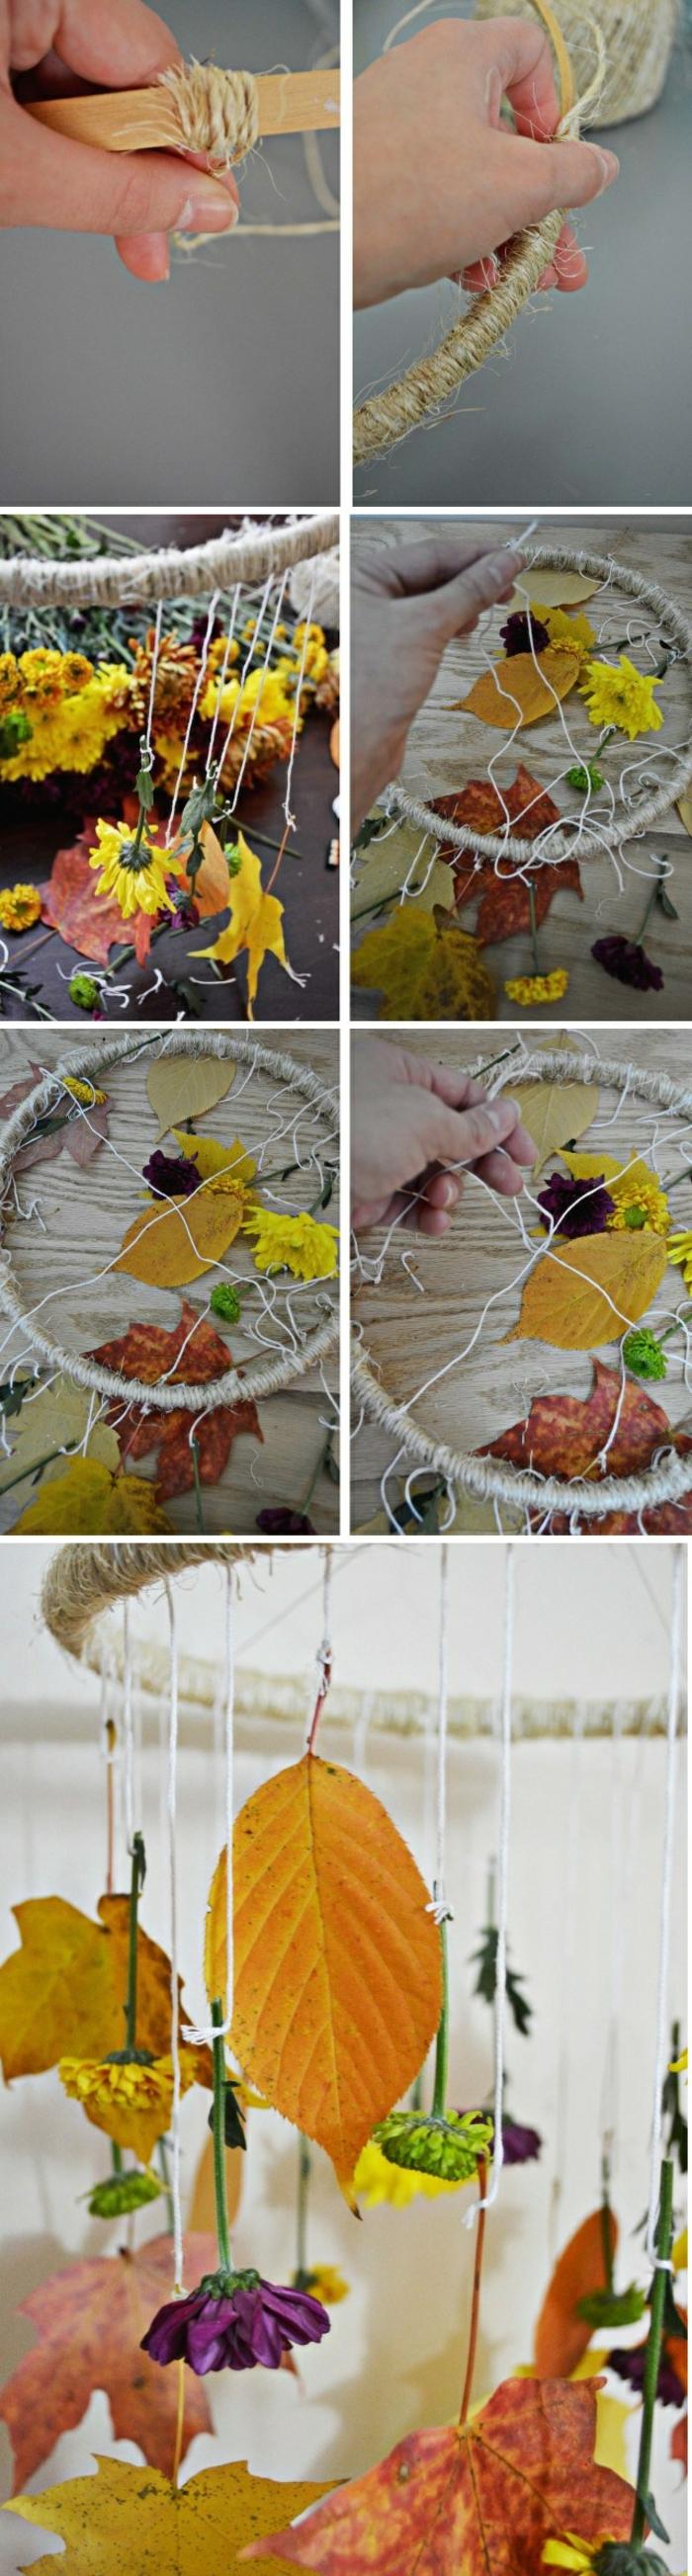 diy mobile aus herbstblättern, faden und stickrahmen selber bauen